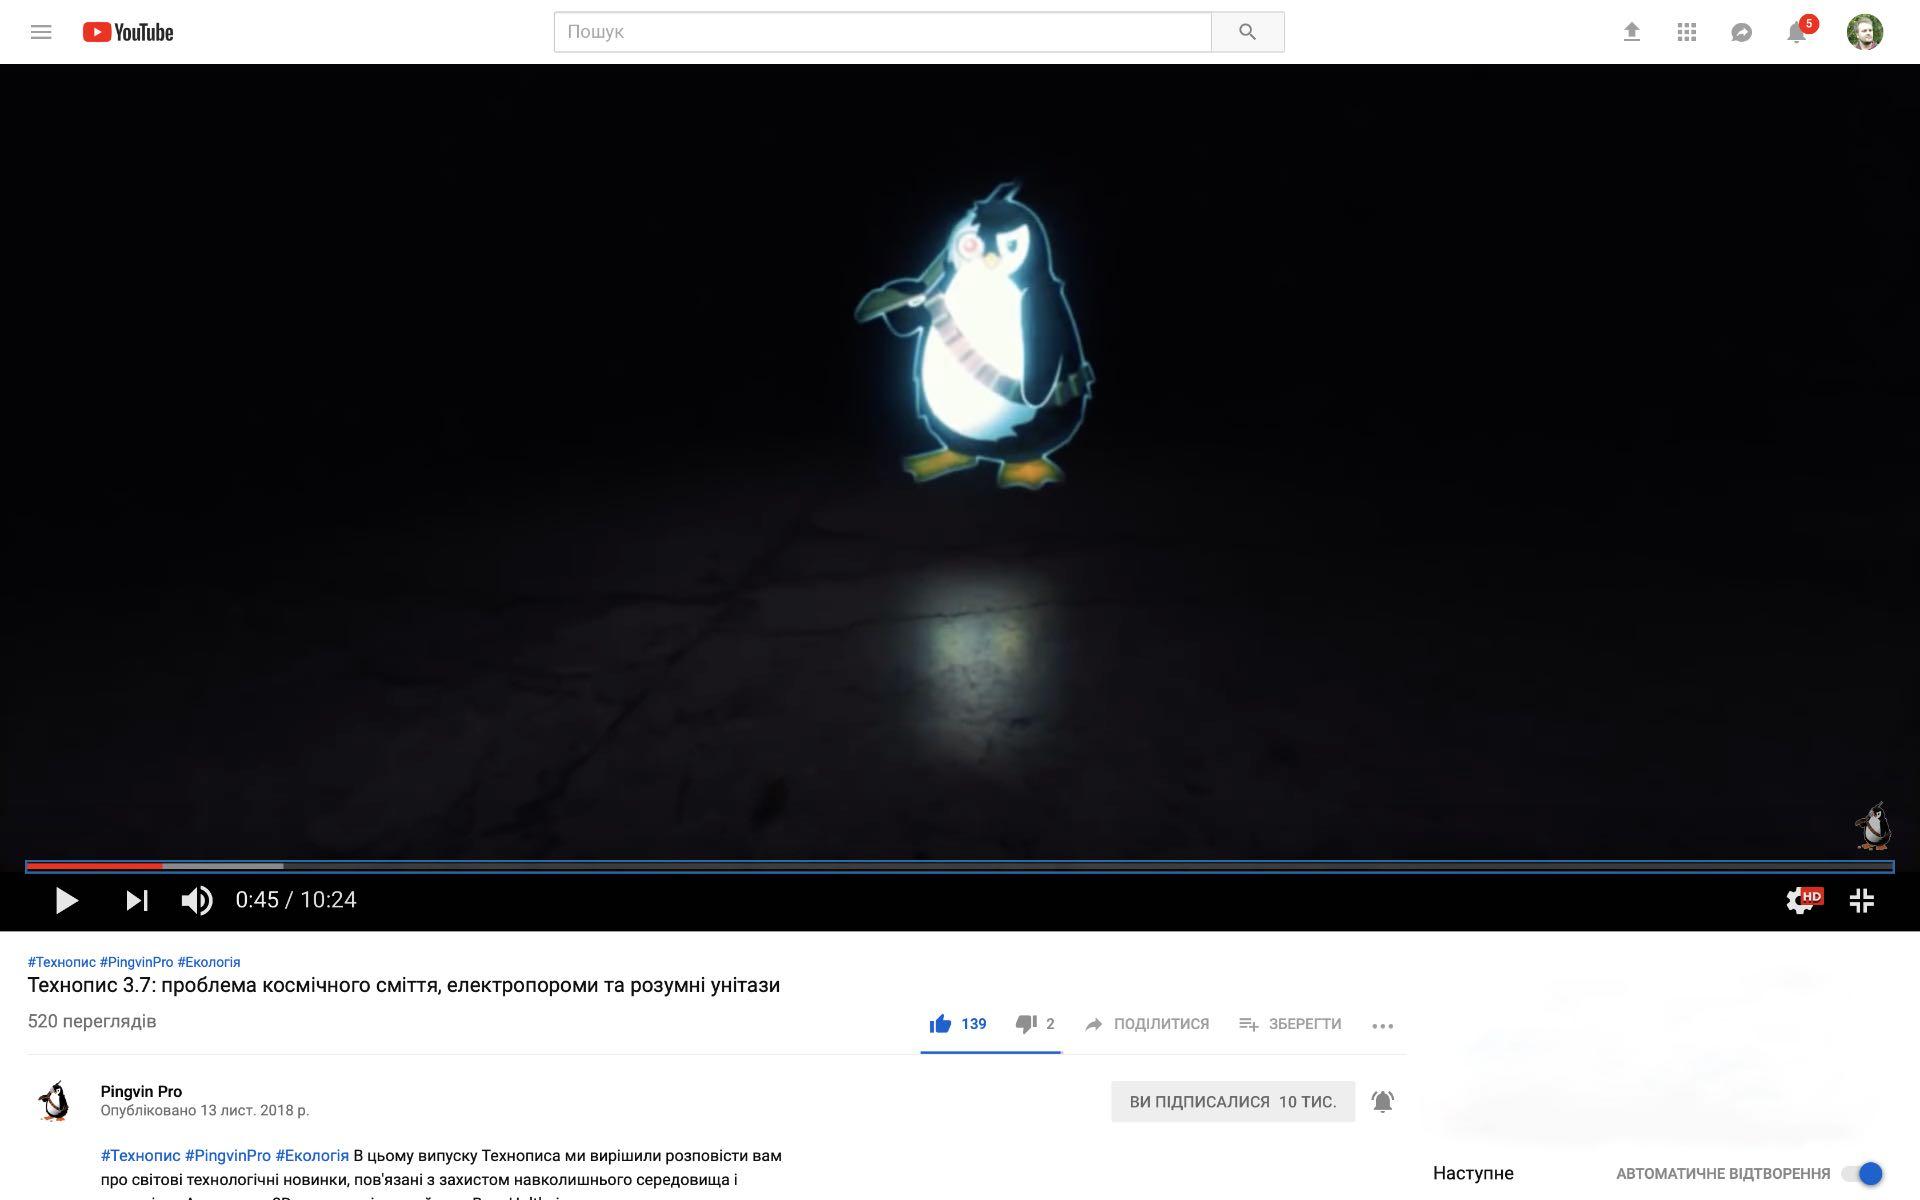 YouTube додав нову функцію для кращої взаємодії з контентом